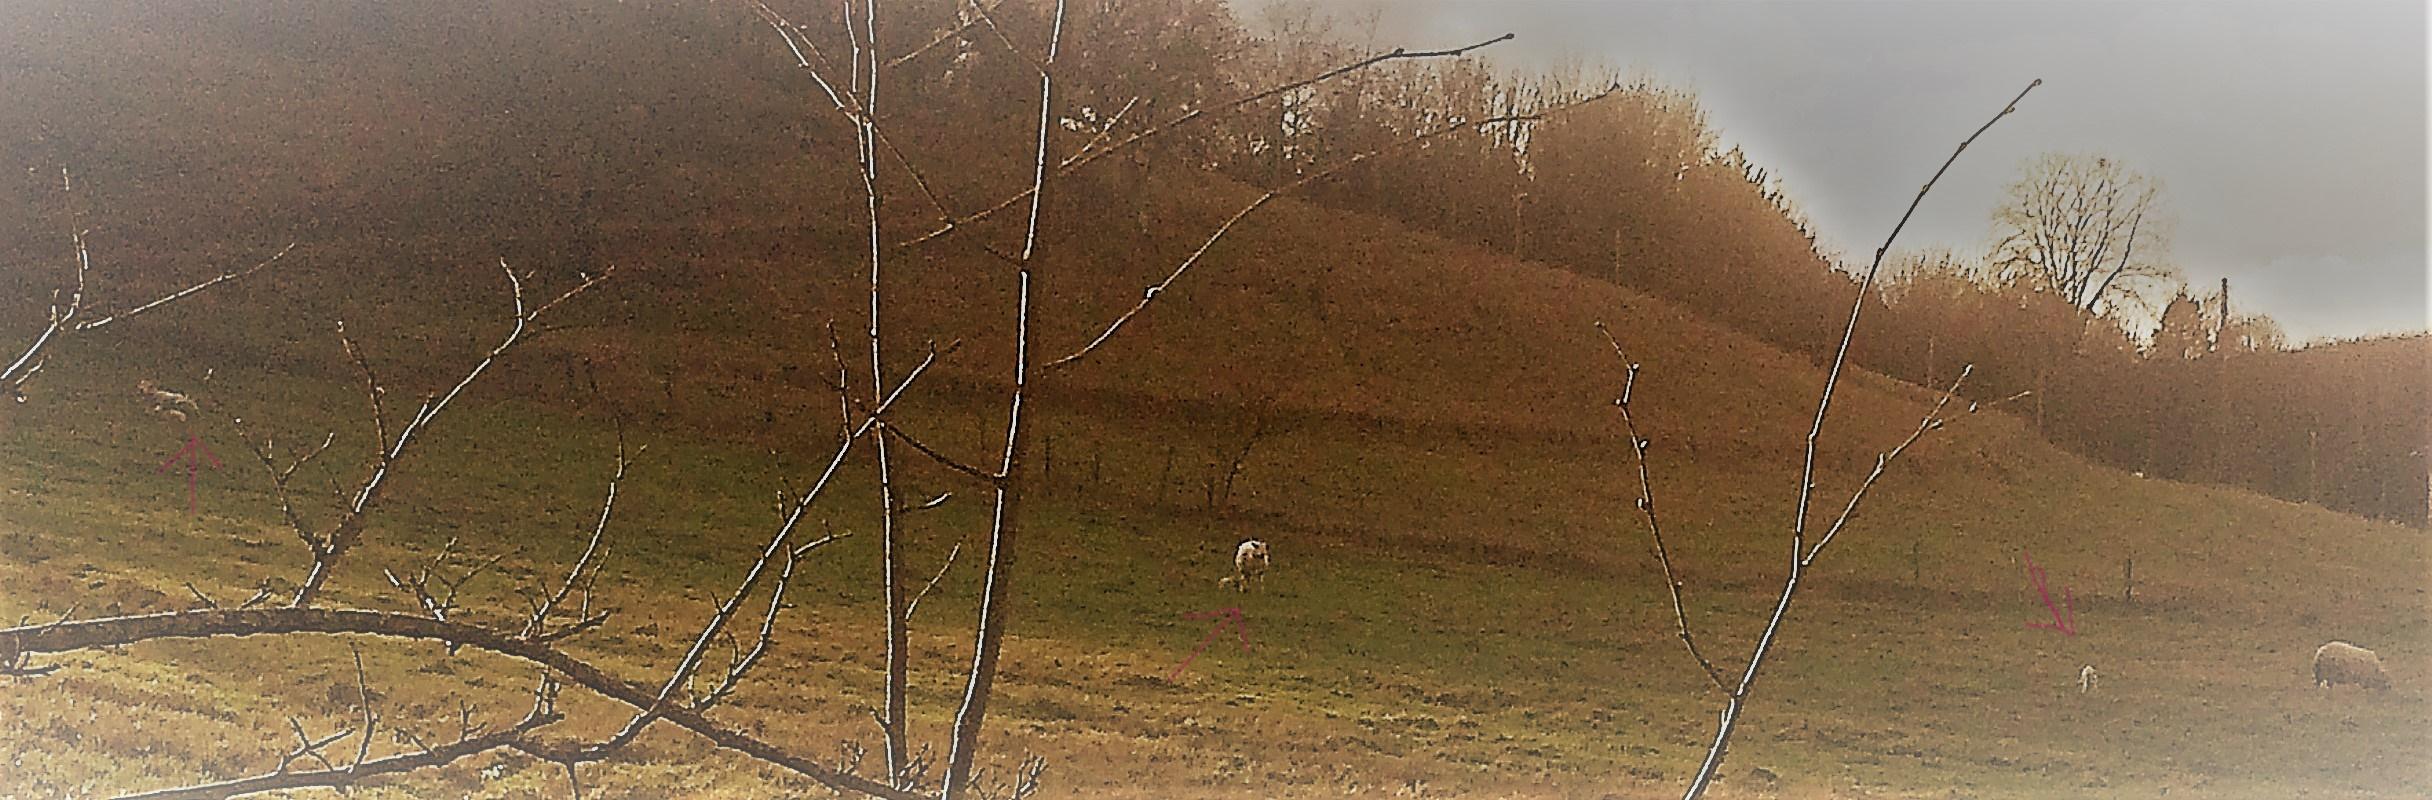 Maintenant, il y a 3 agneaux!